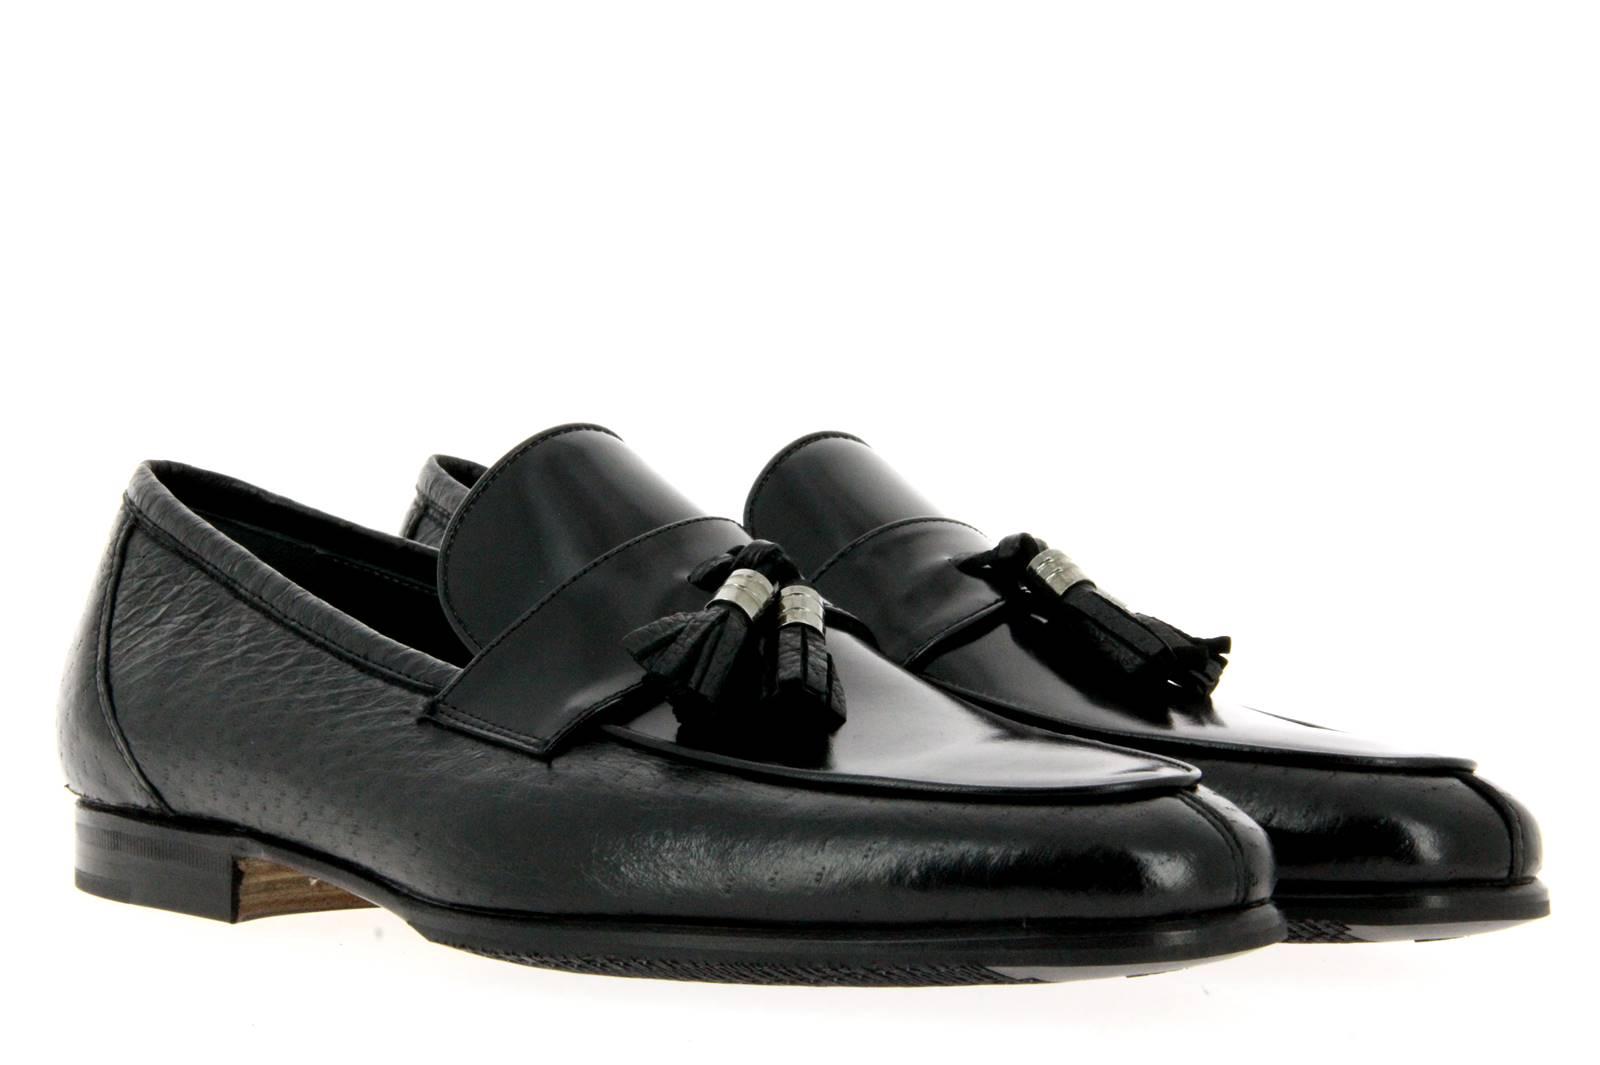 Moreschi slipper PECCARY NERO